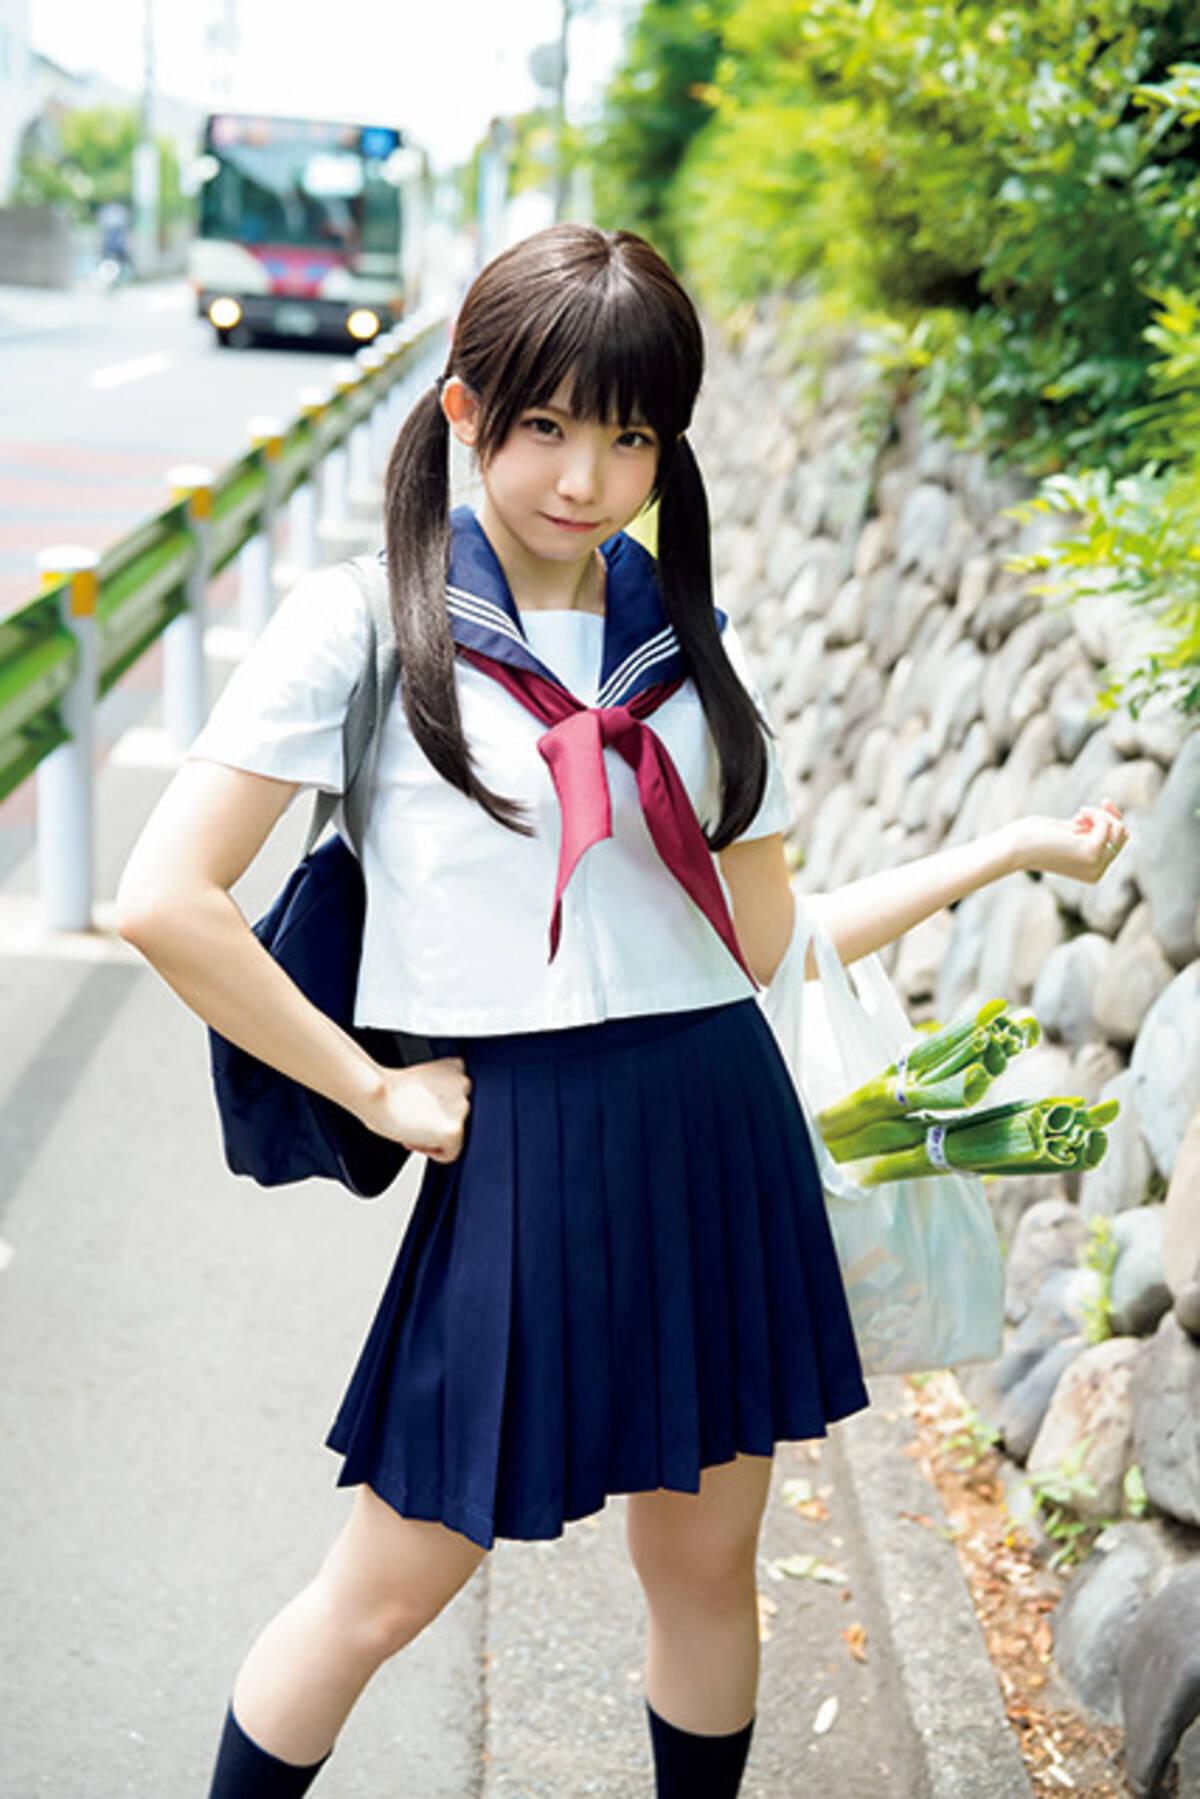 日本一のコスプレイヤー・えなこが妄想する甘~い結婚生活とは ...